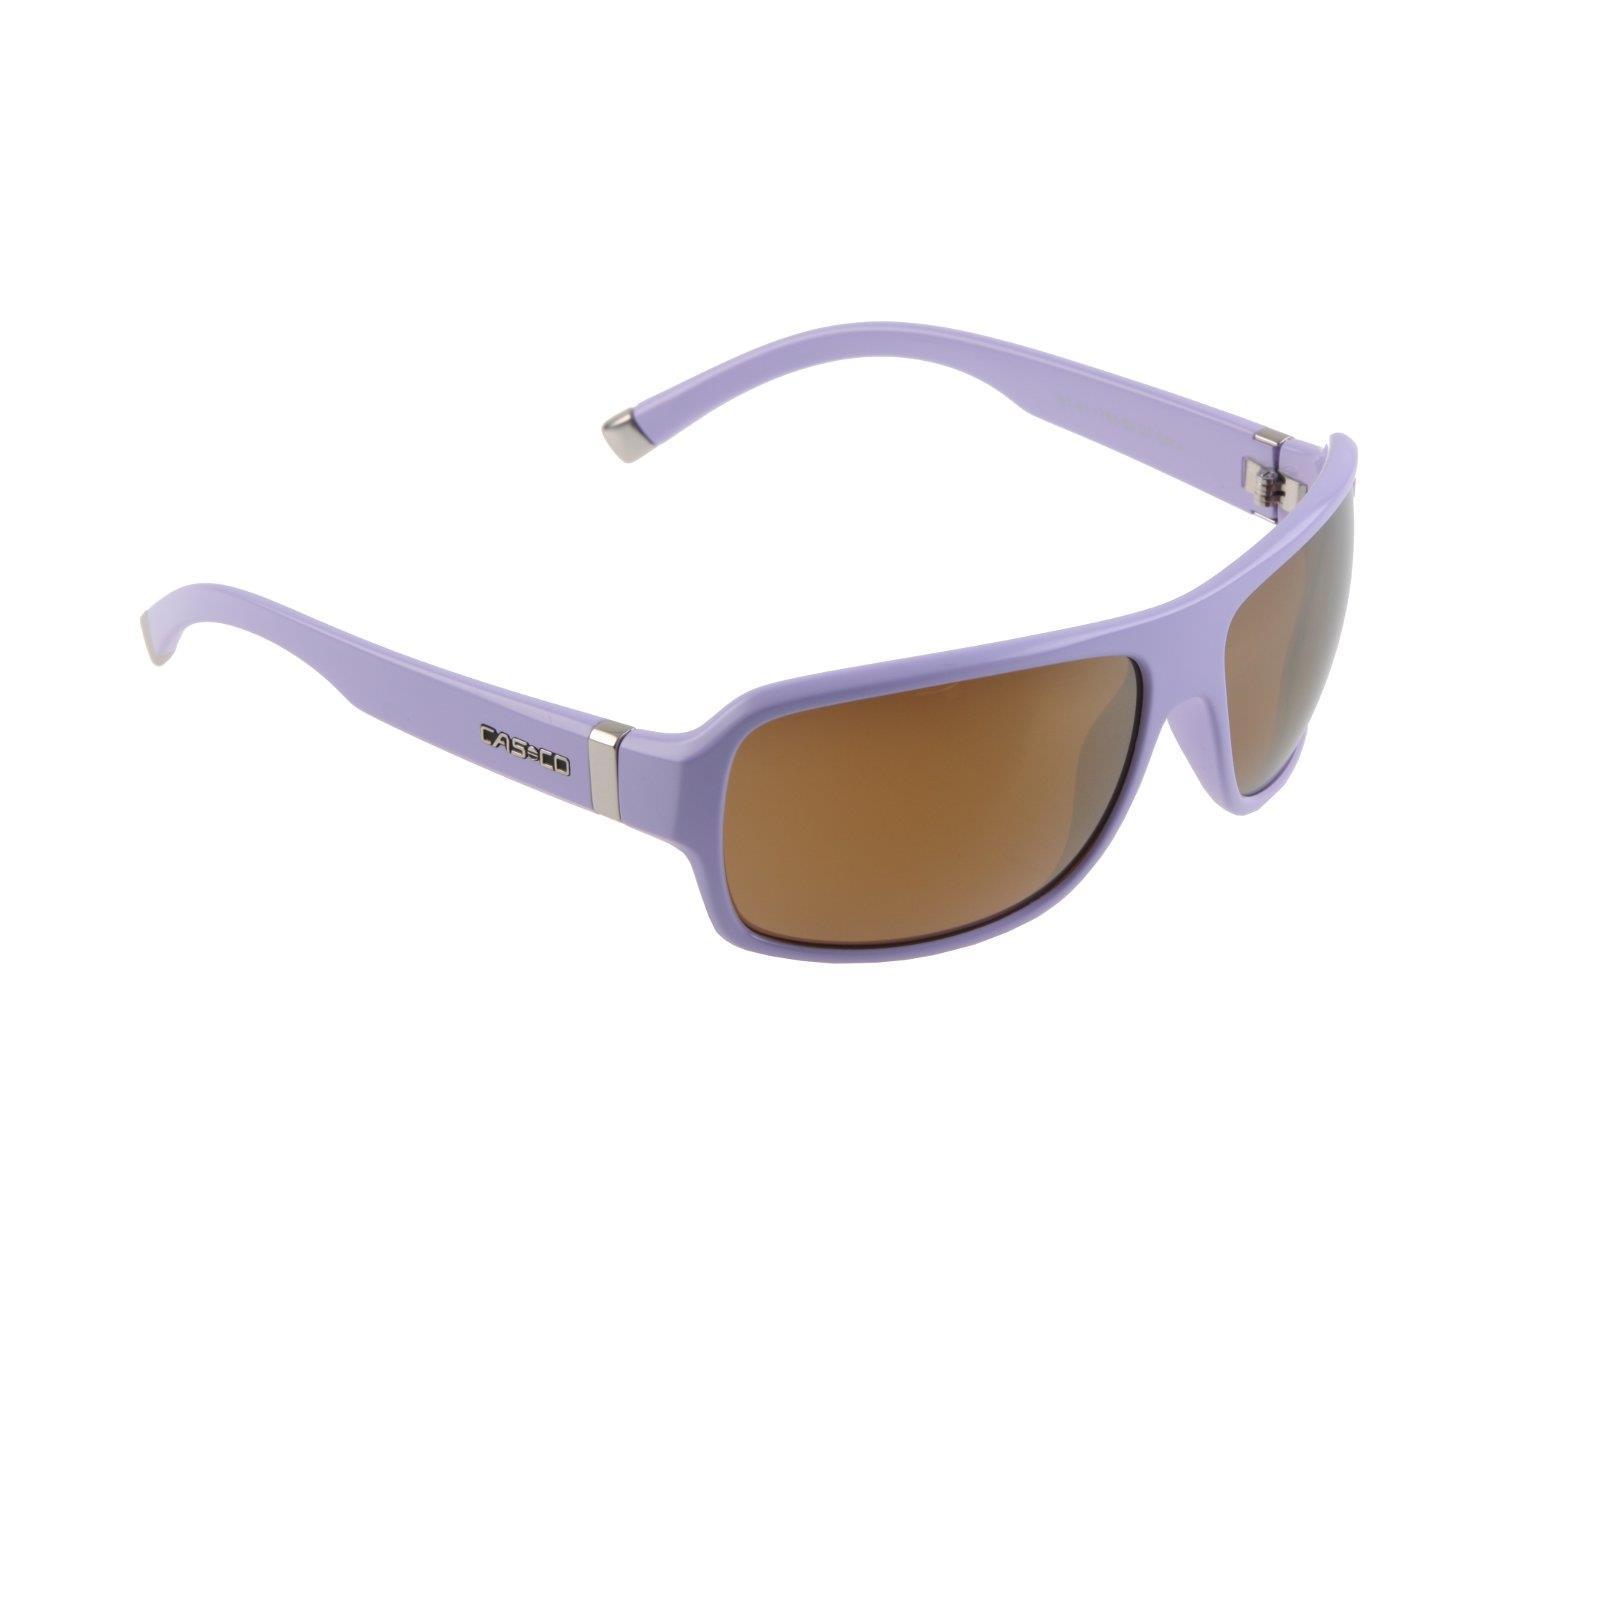 CASCO Sportbrille SX-61 Polarized Sonnenbrille Fahrrad Snowboard reflexionsarm PtDV3ruEW